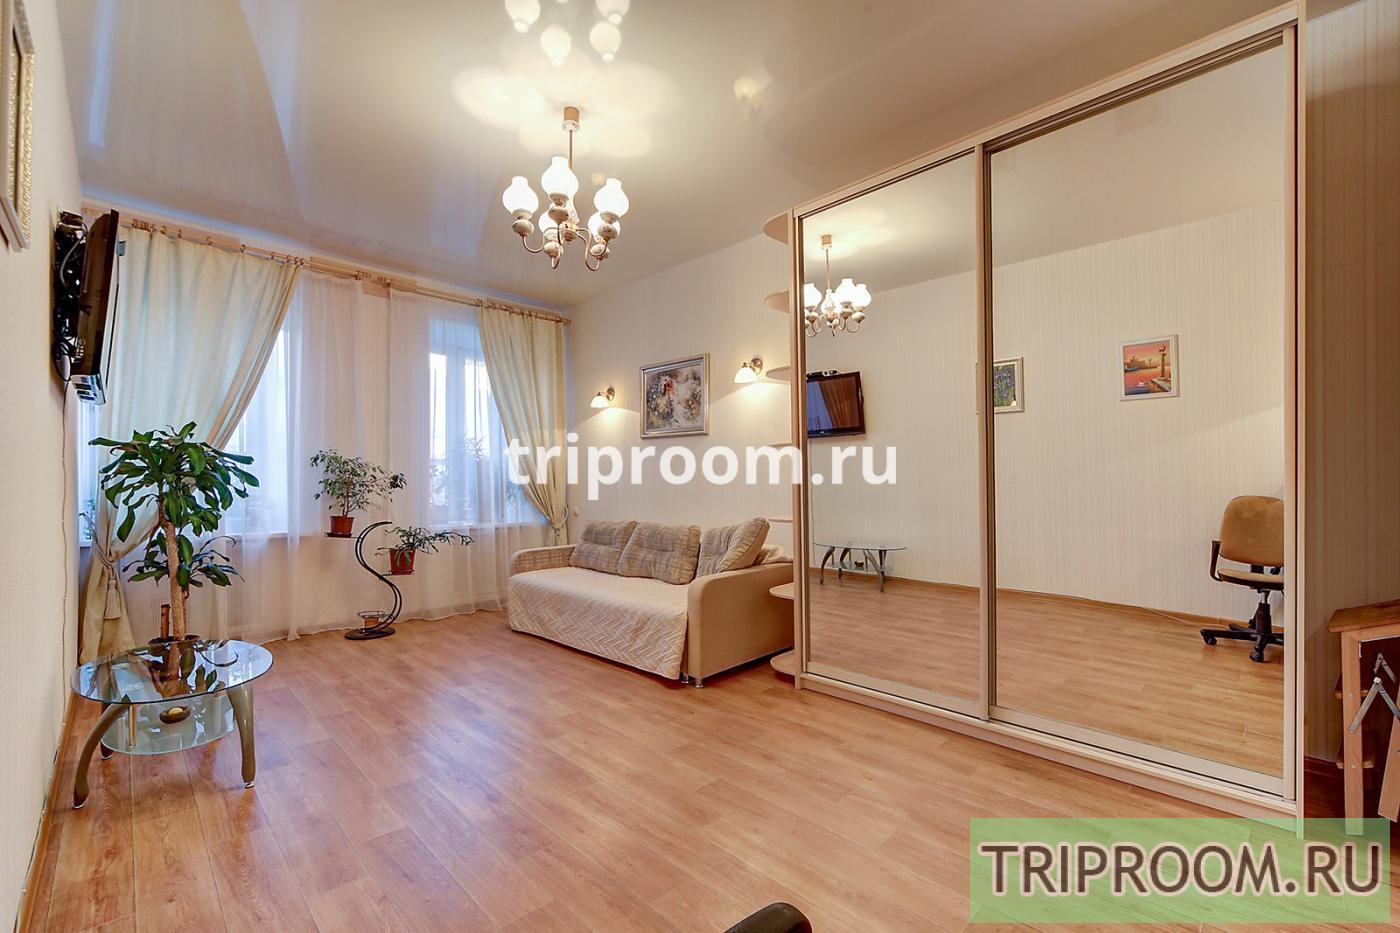 2-комнатная квартира посуточно (вариант № 15459), ул. Адмиралтейская набережная, фото № 4